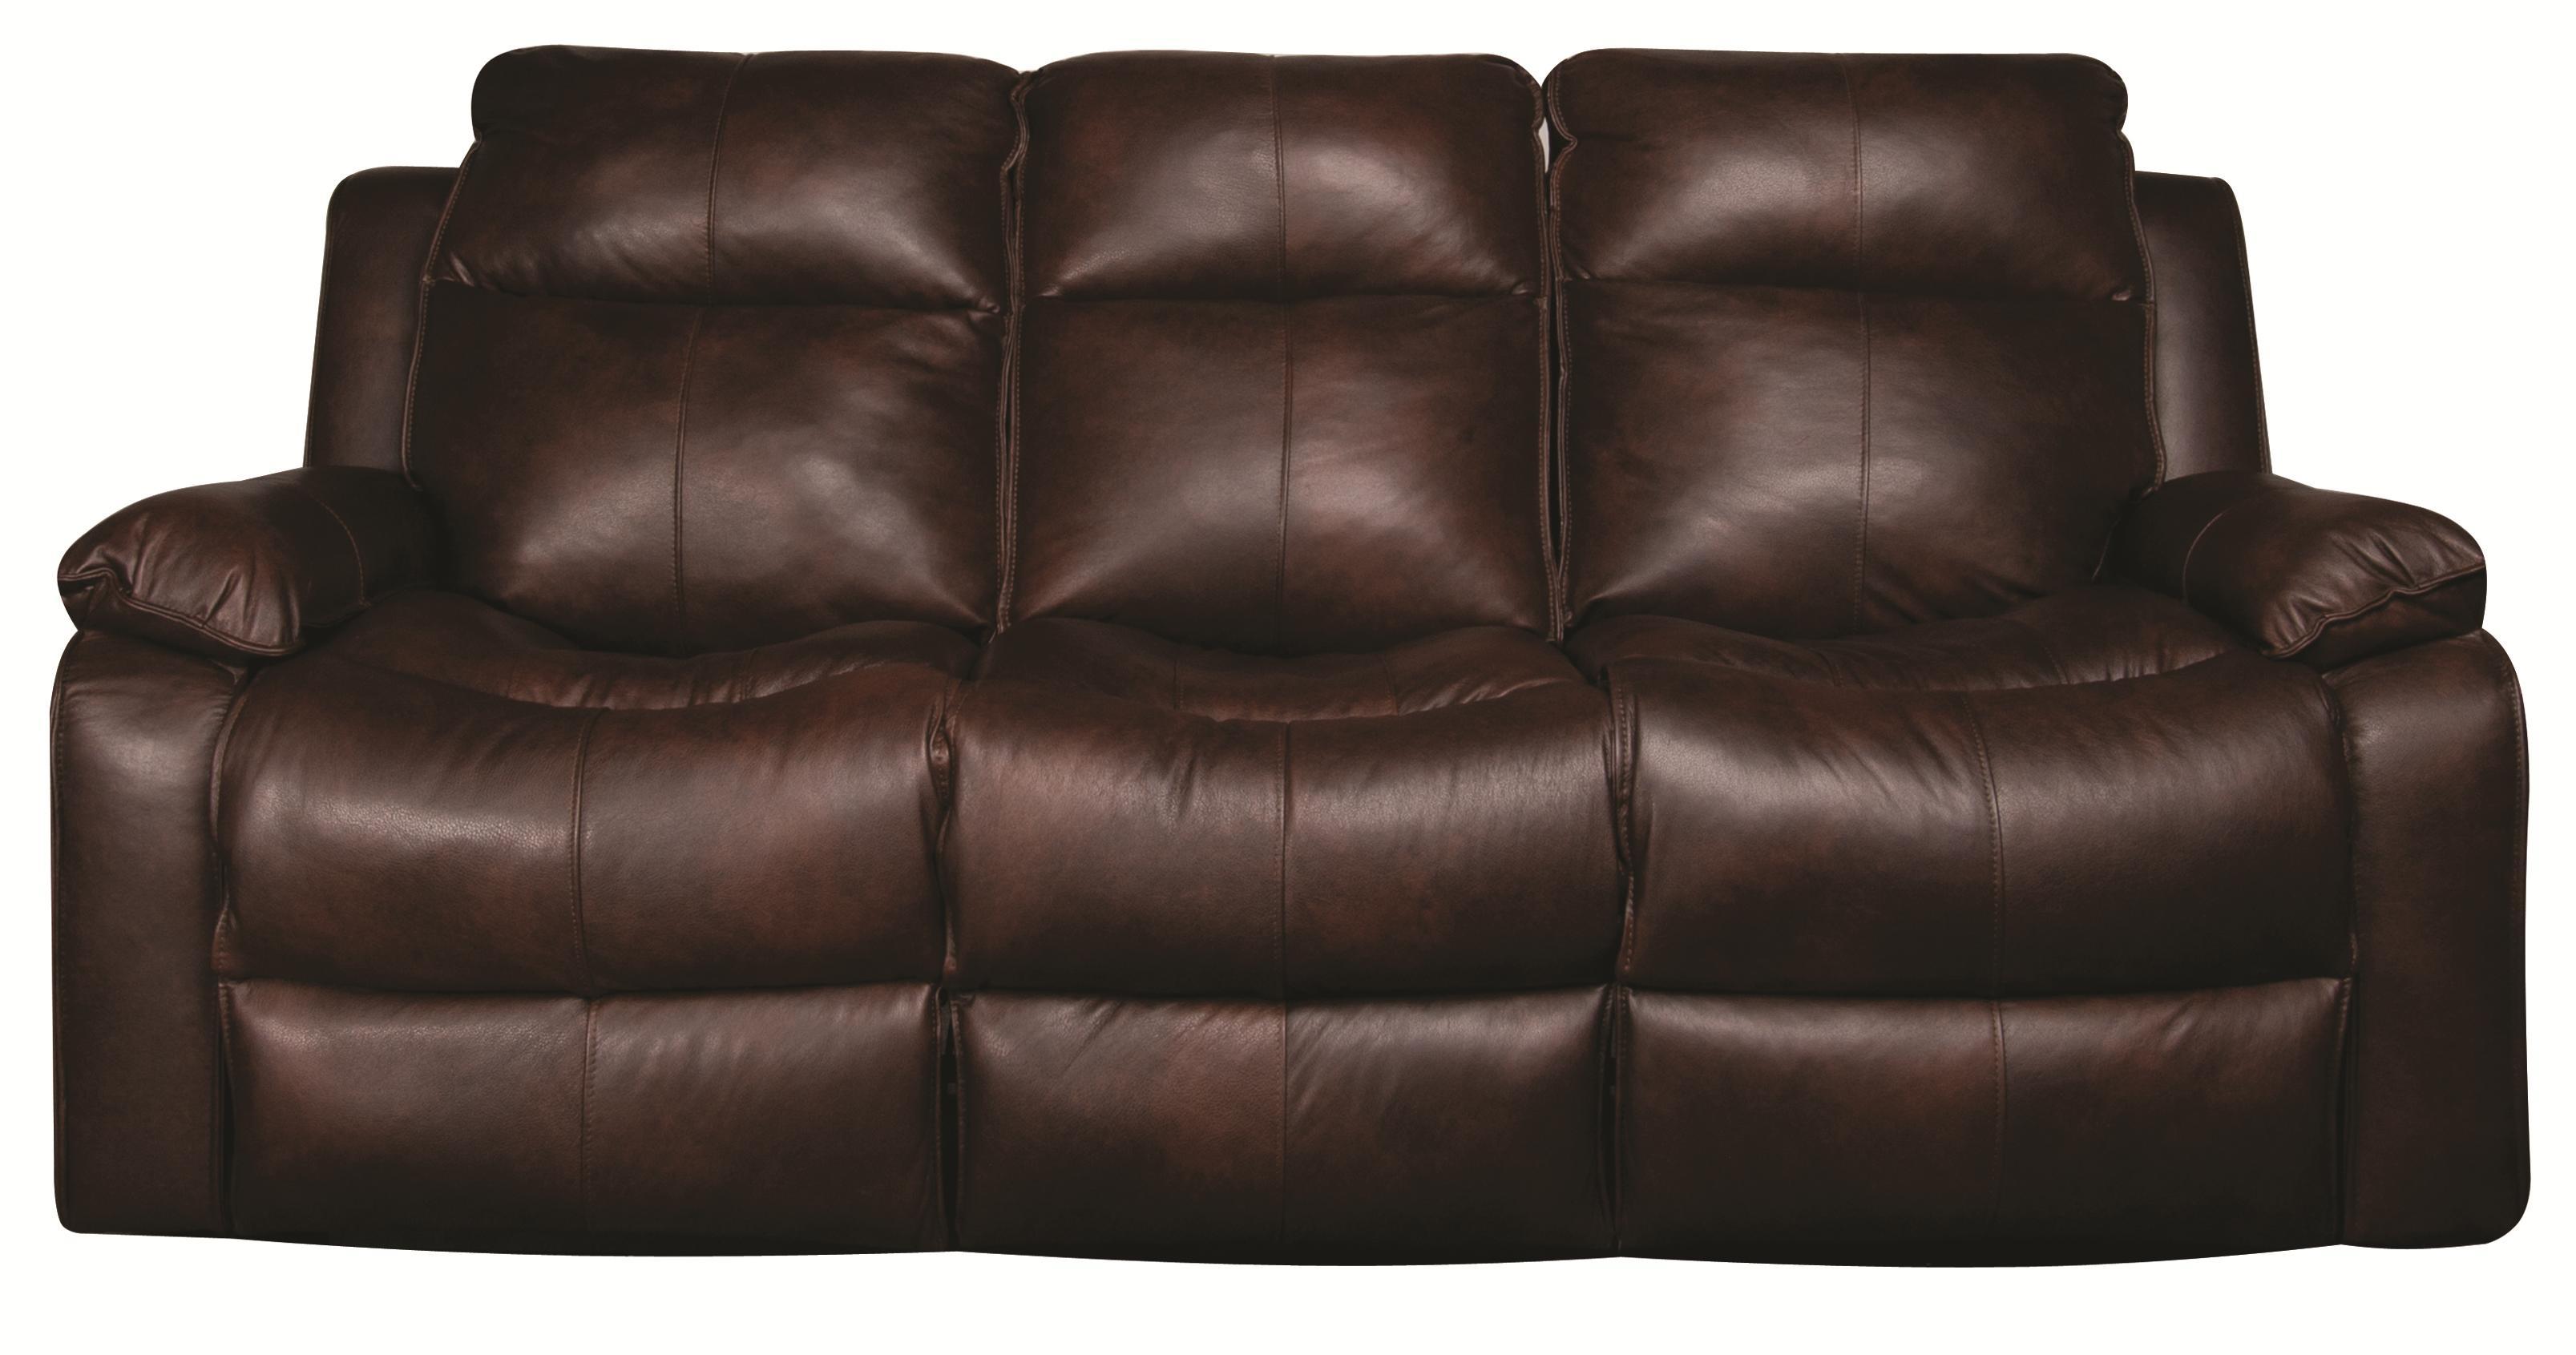 Elliston Place Darius Darius Leather-Match* Power Reclining Sofa - Item Number: 103852550